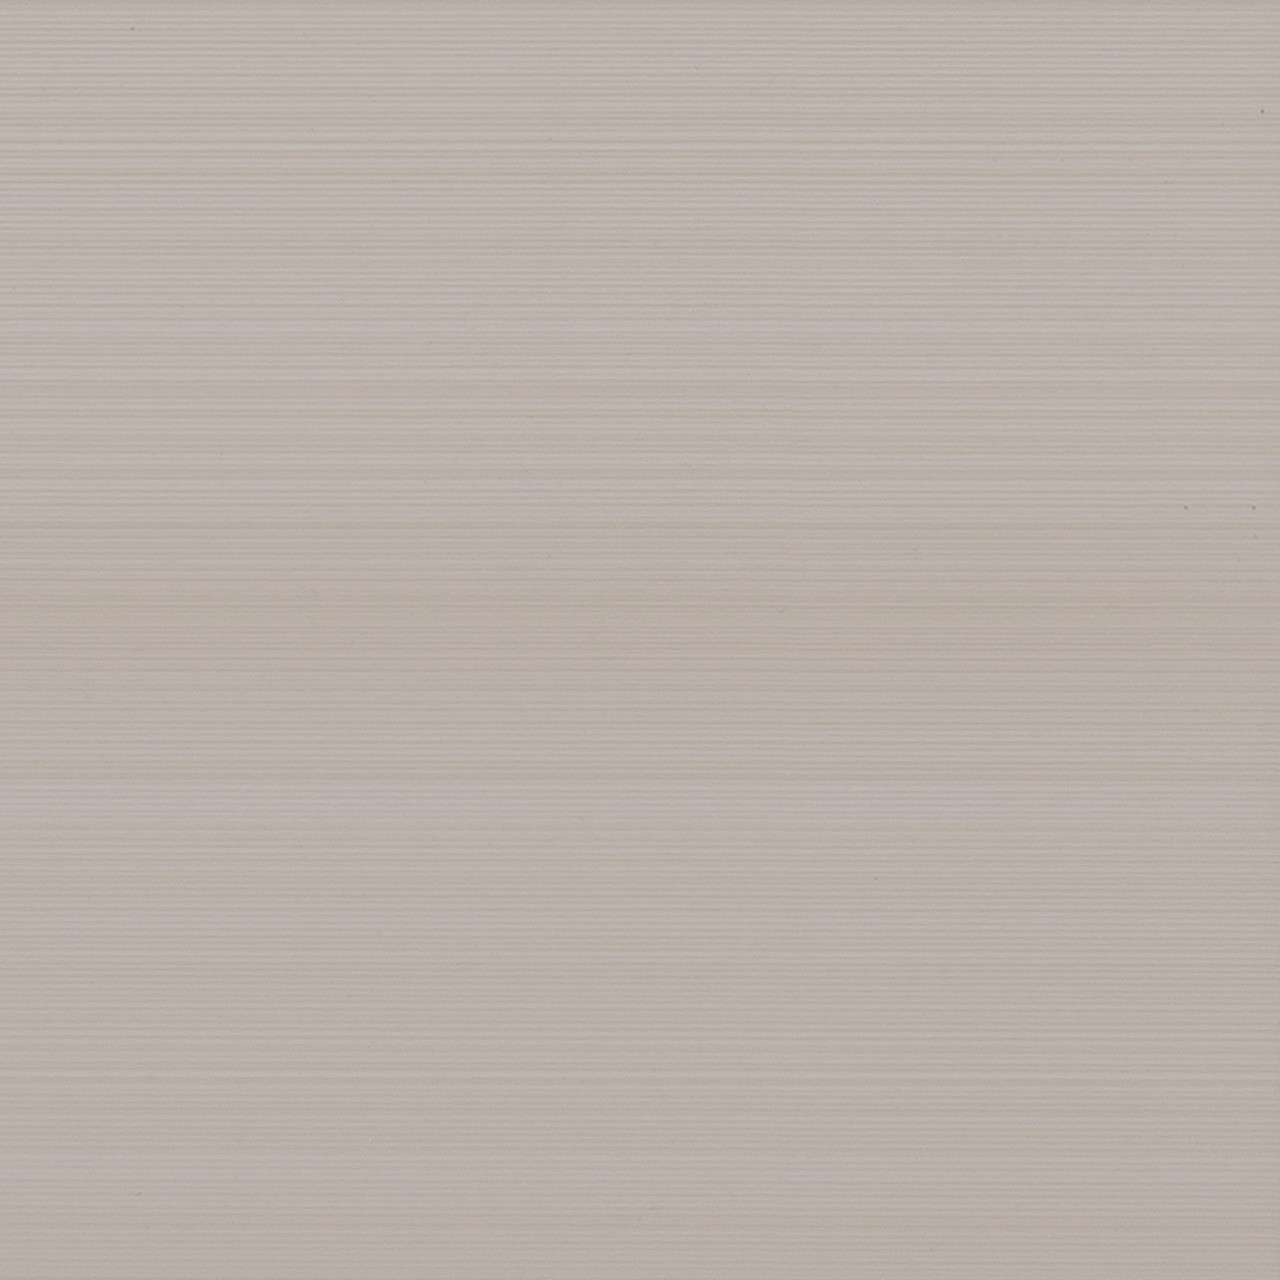 Плитка для пола глазурованная Charlotte MC 300x300 /18